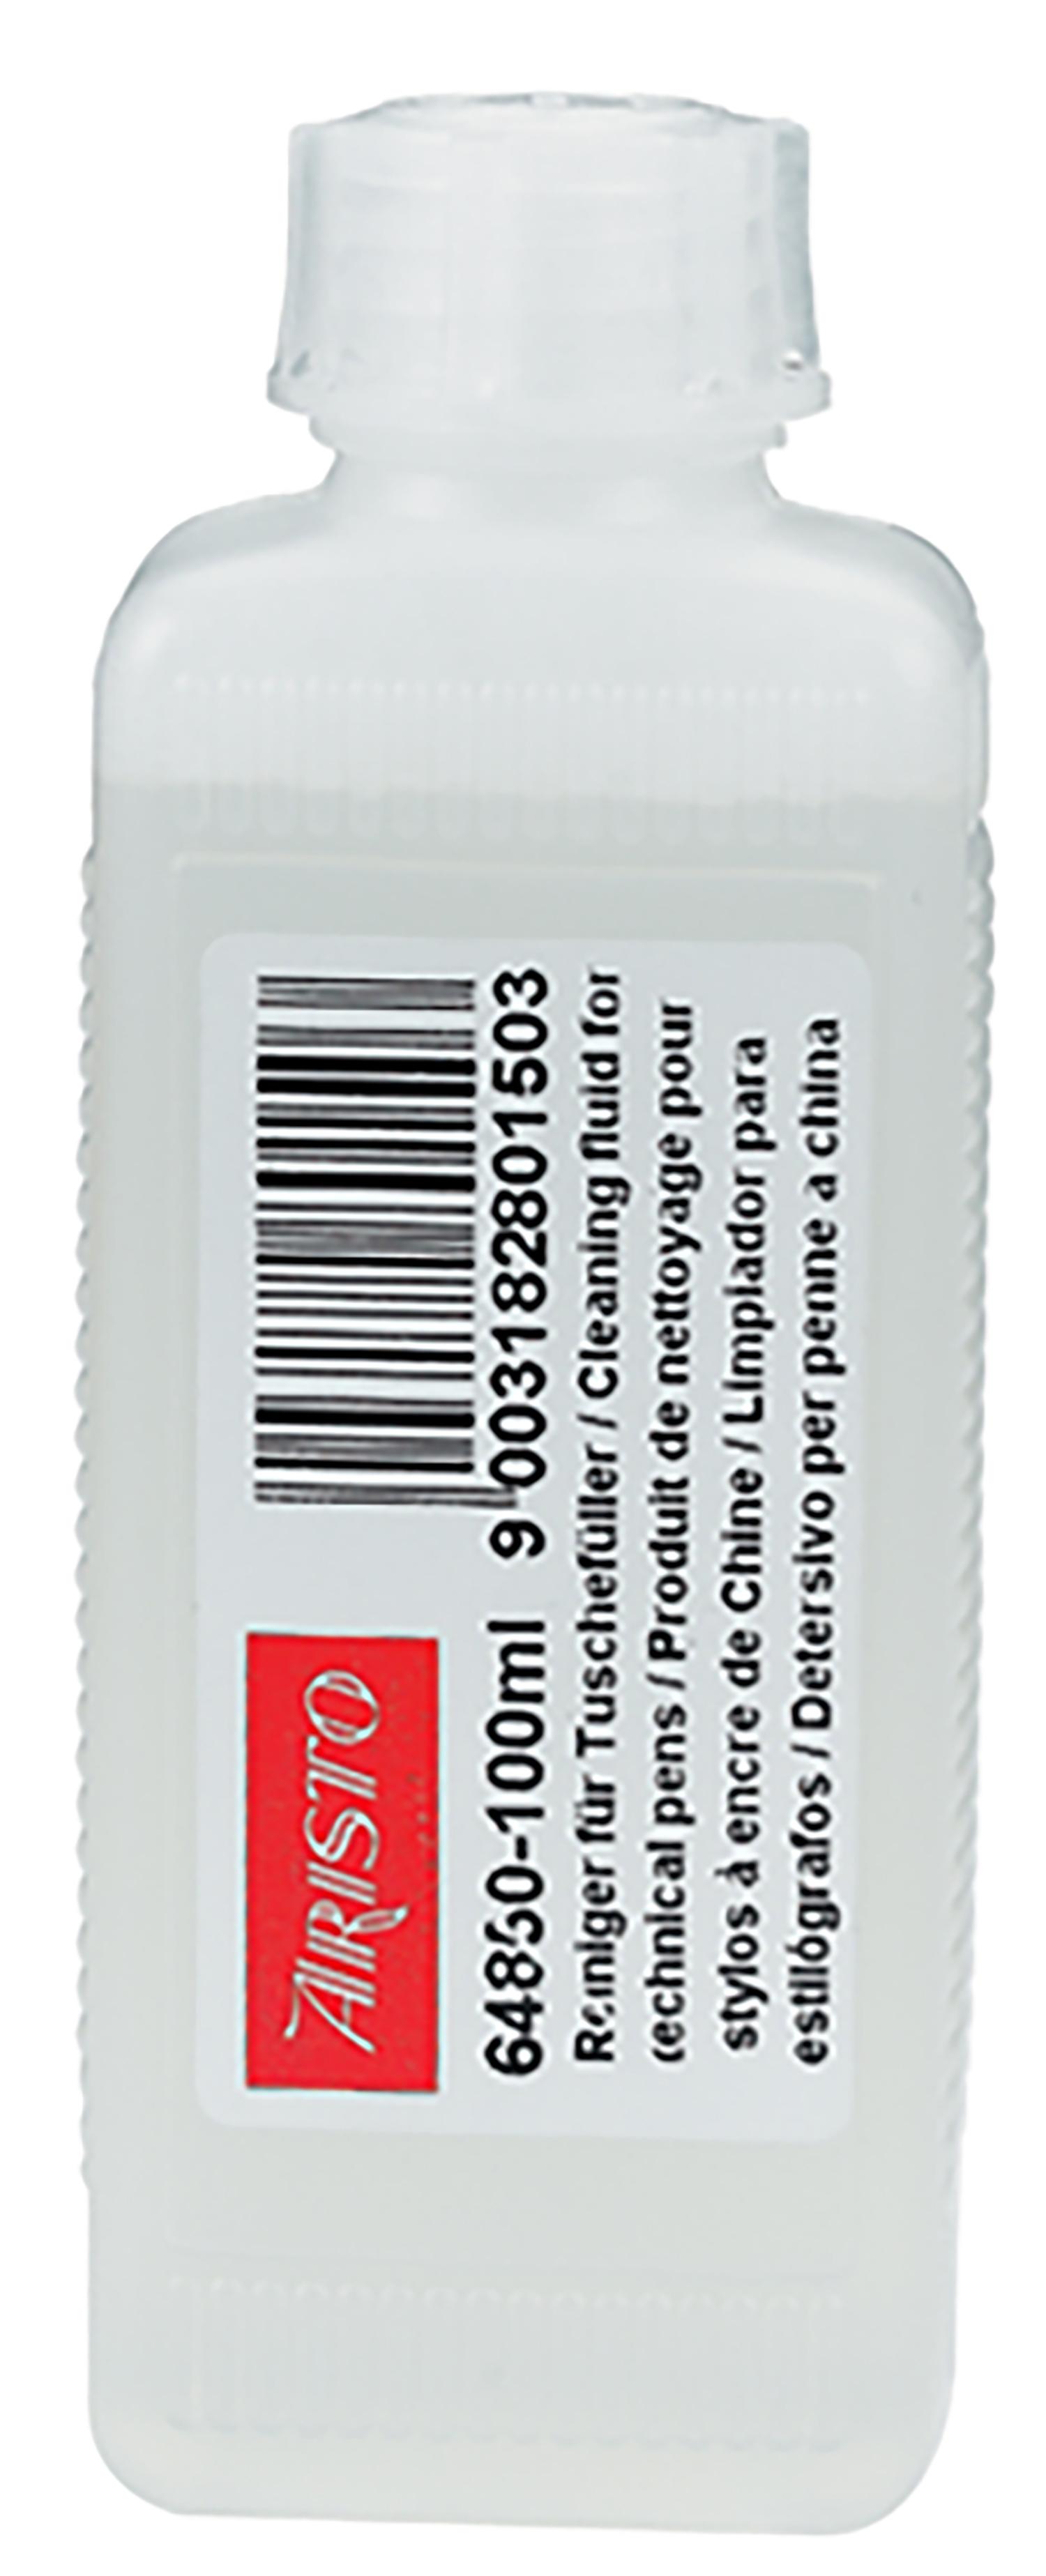 GEO-64850